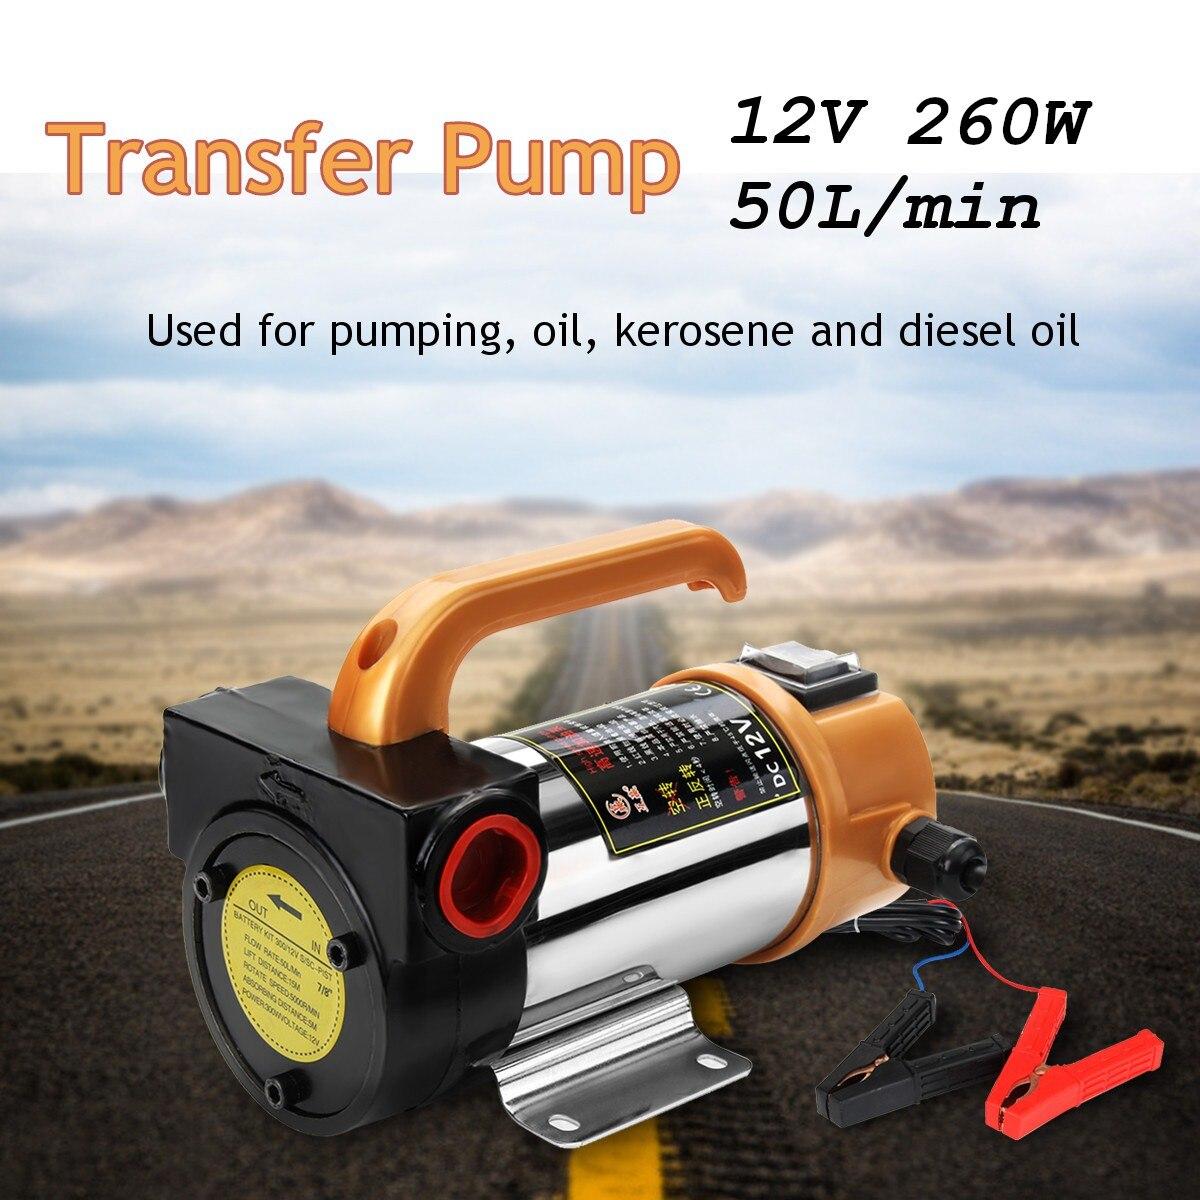 12V 260W araba motor taşınabilir dizel yakıt için Transfer pompası kendinden emişli YAĞ POMPASI 50L/dak